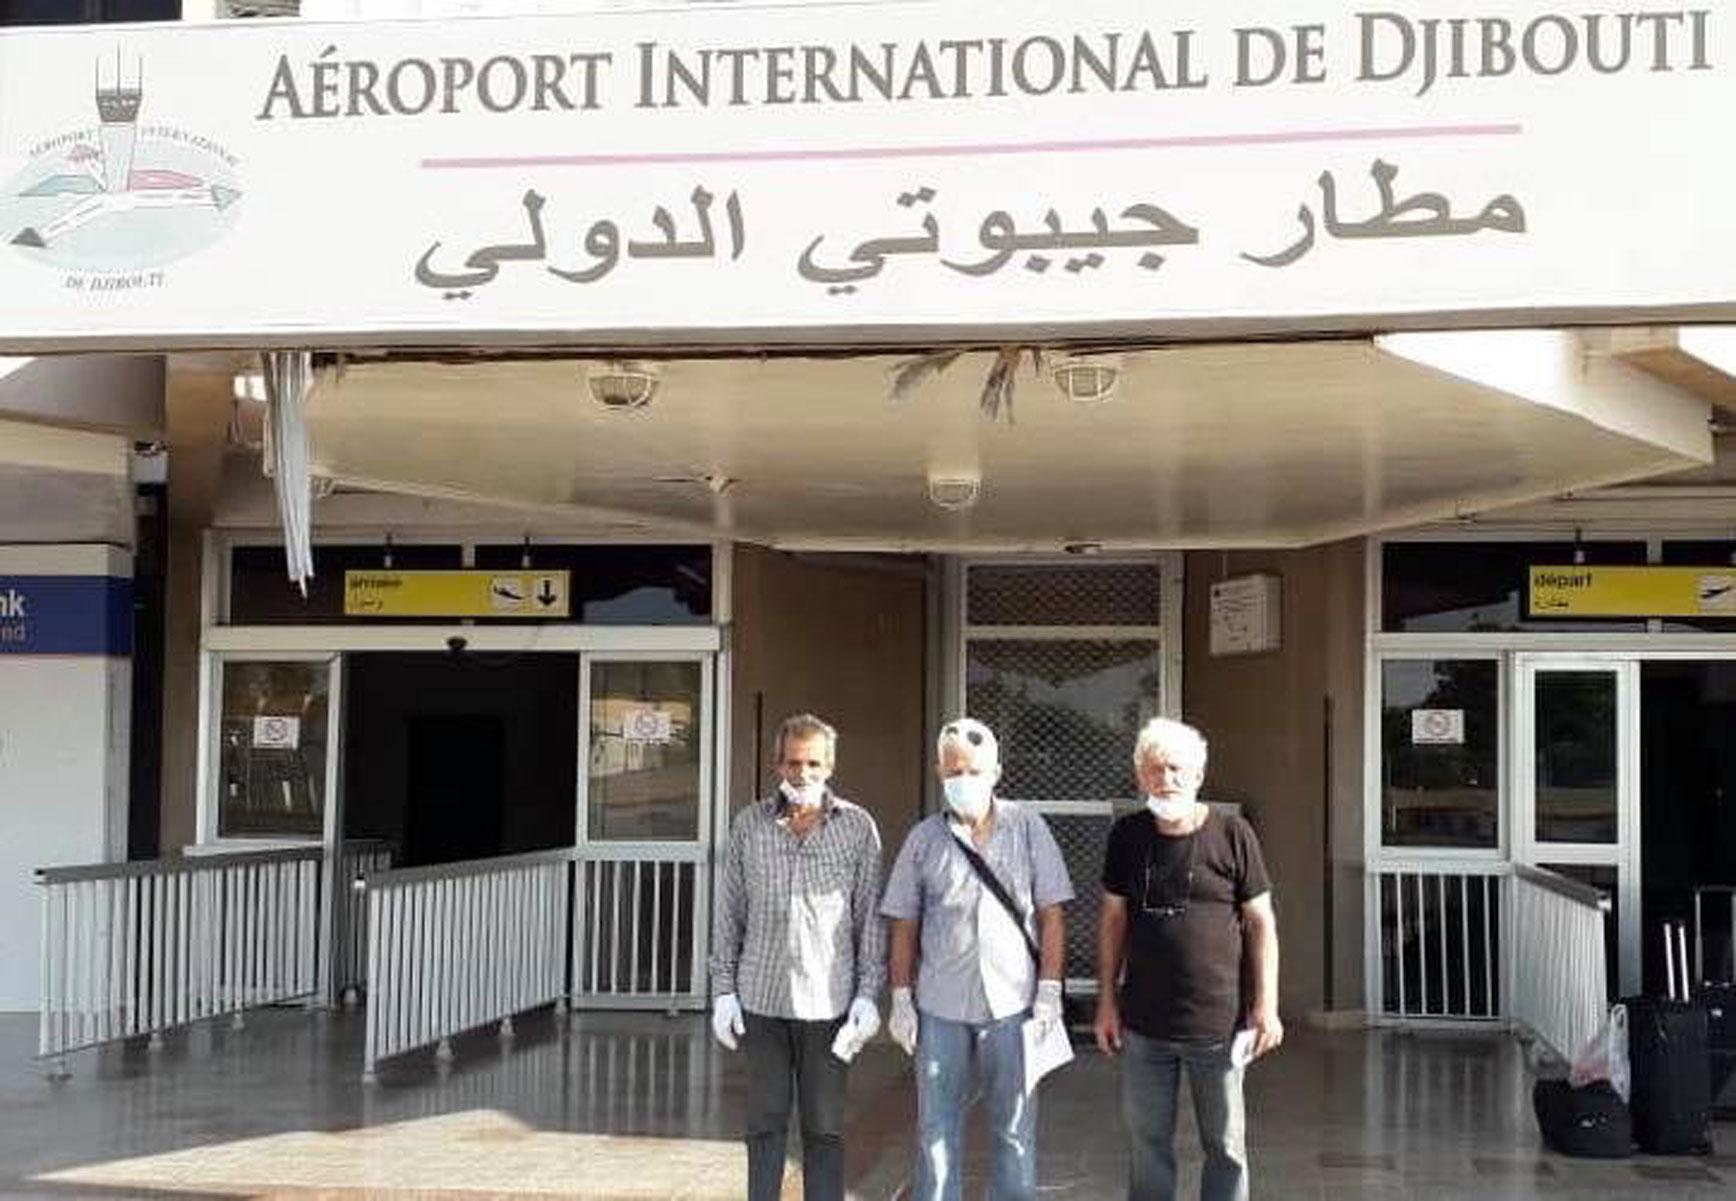 Τέλος στην οδύσσεια των τριών Ελλήνων ναυτικών στο Τζιμπουτί